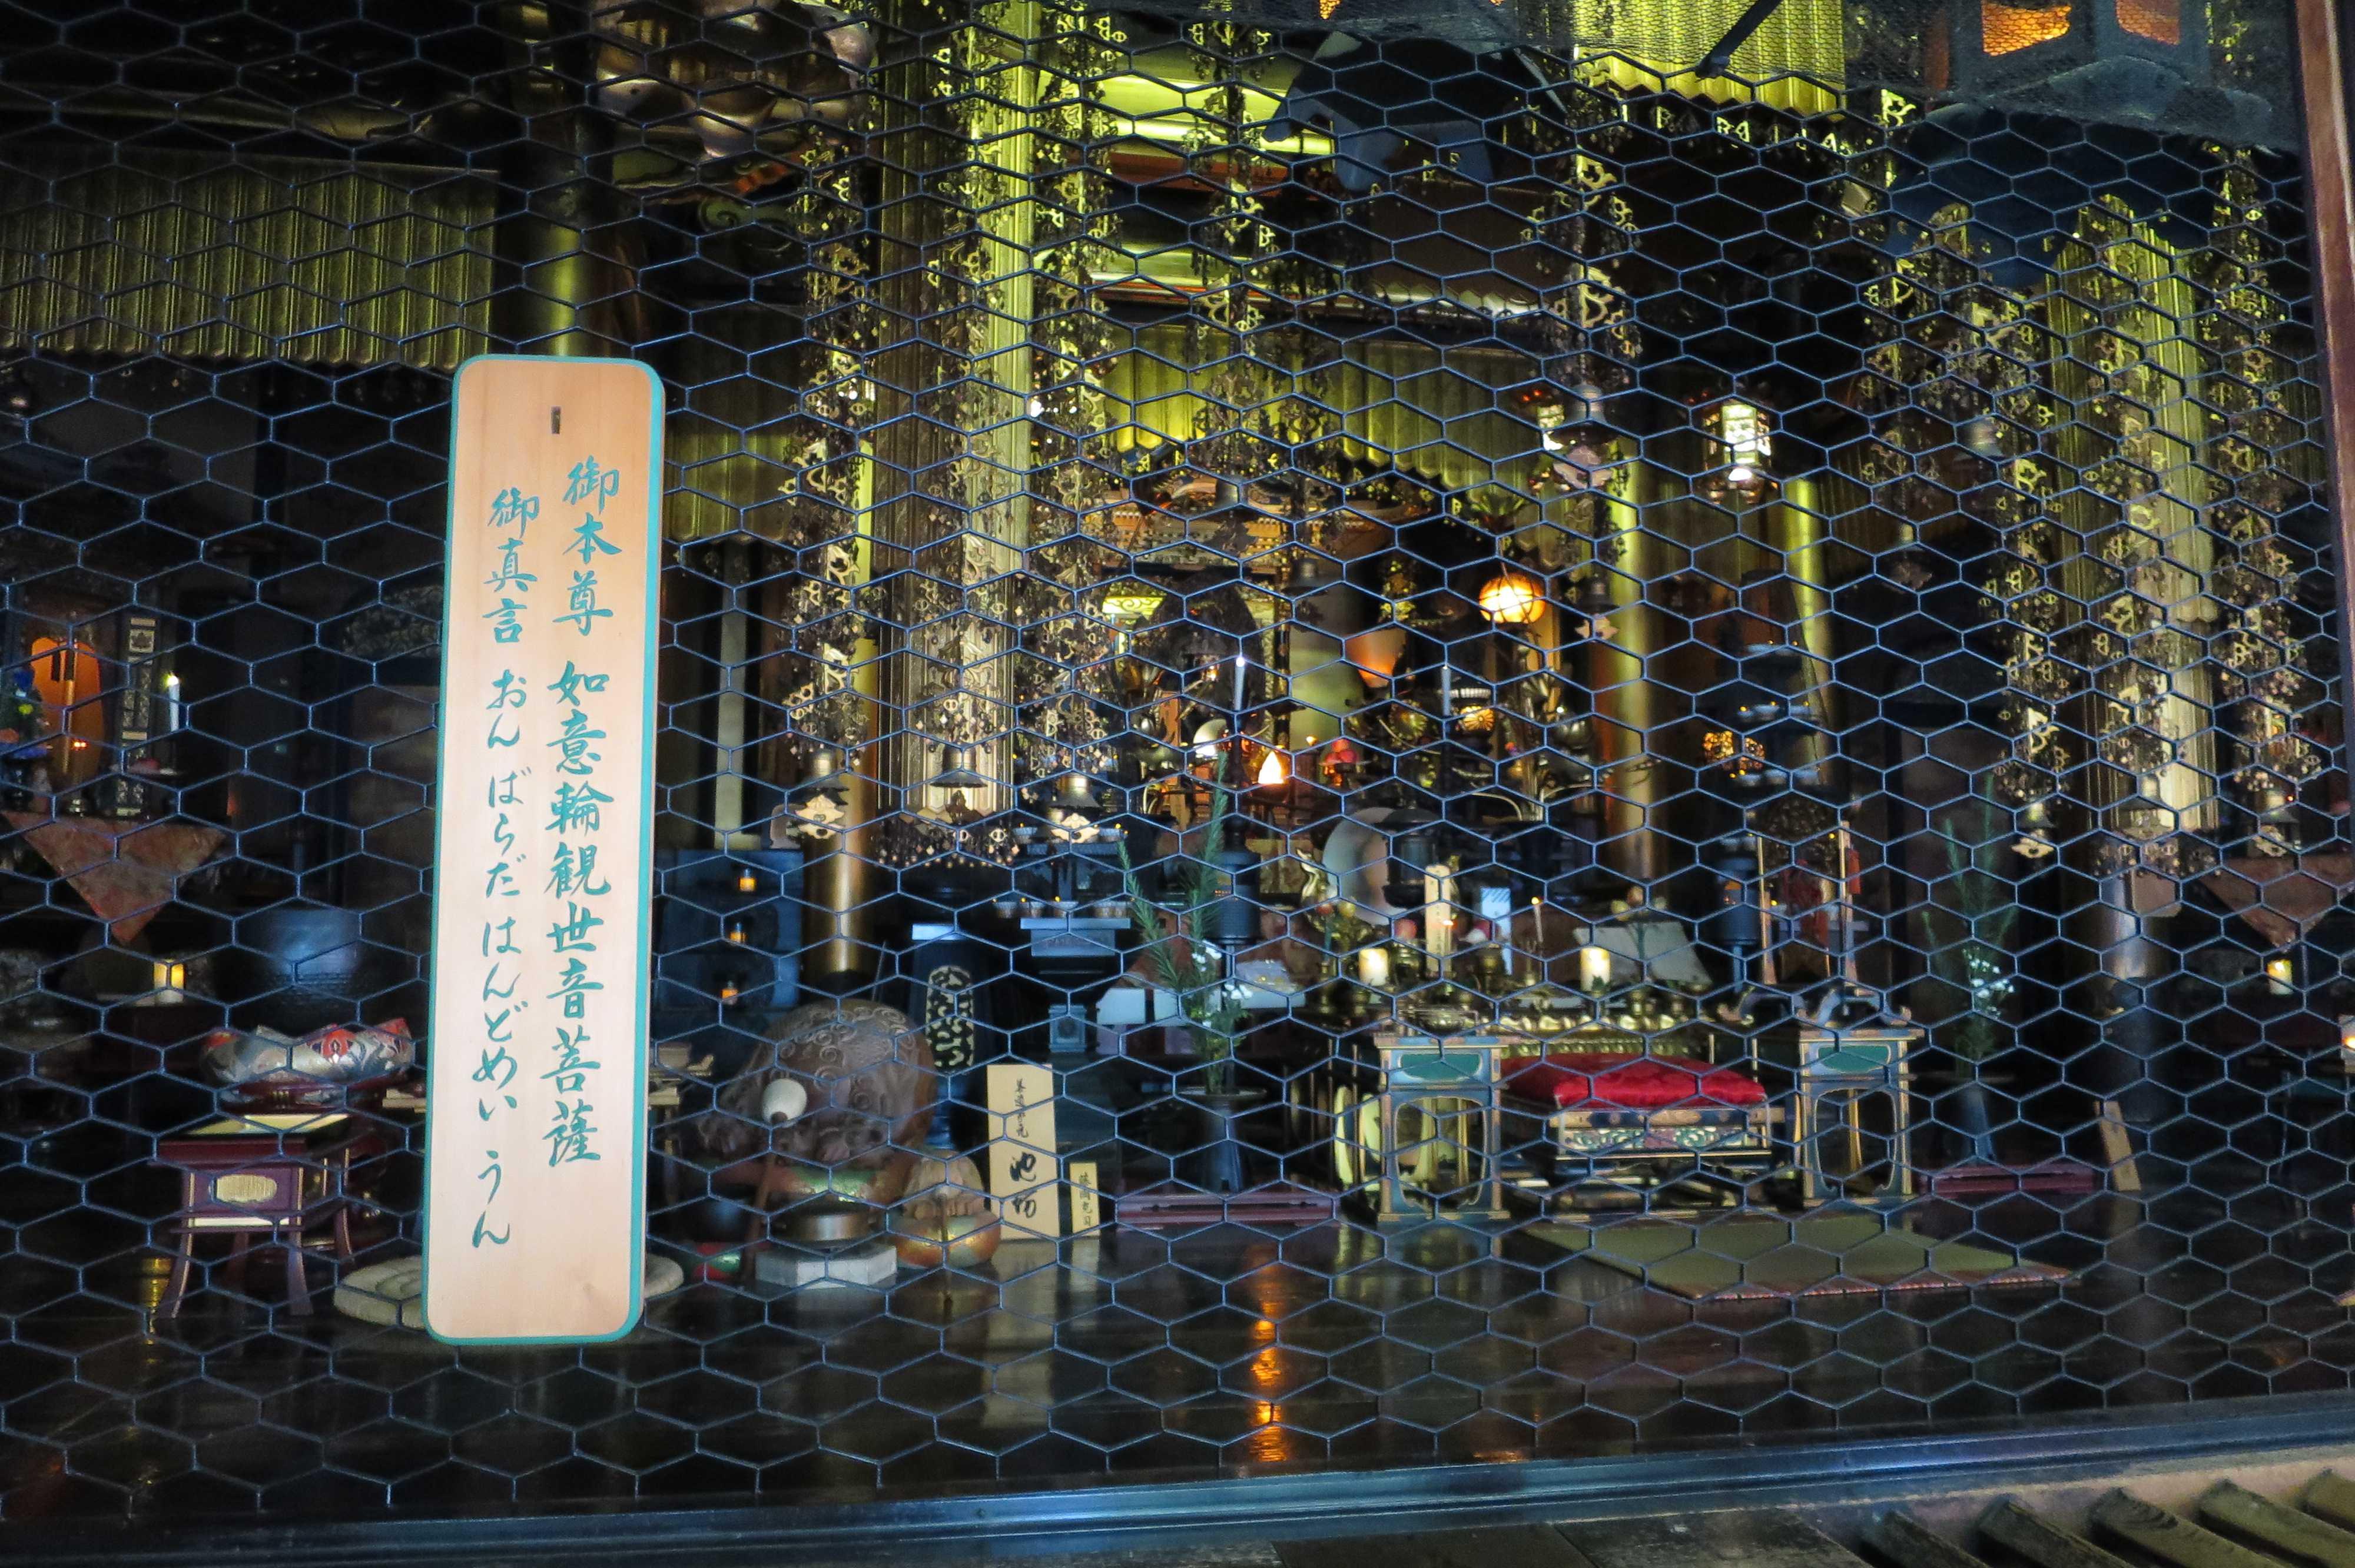 京都・六角堂 ご本尊(前立本尊) 如意輪観世音菩薩